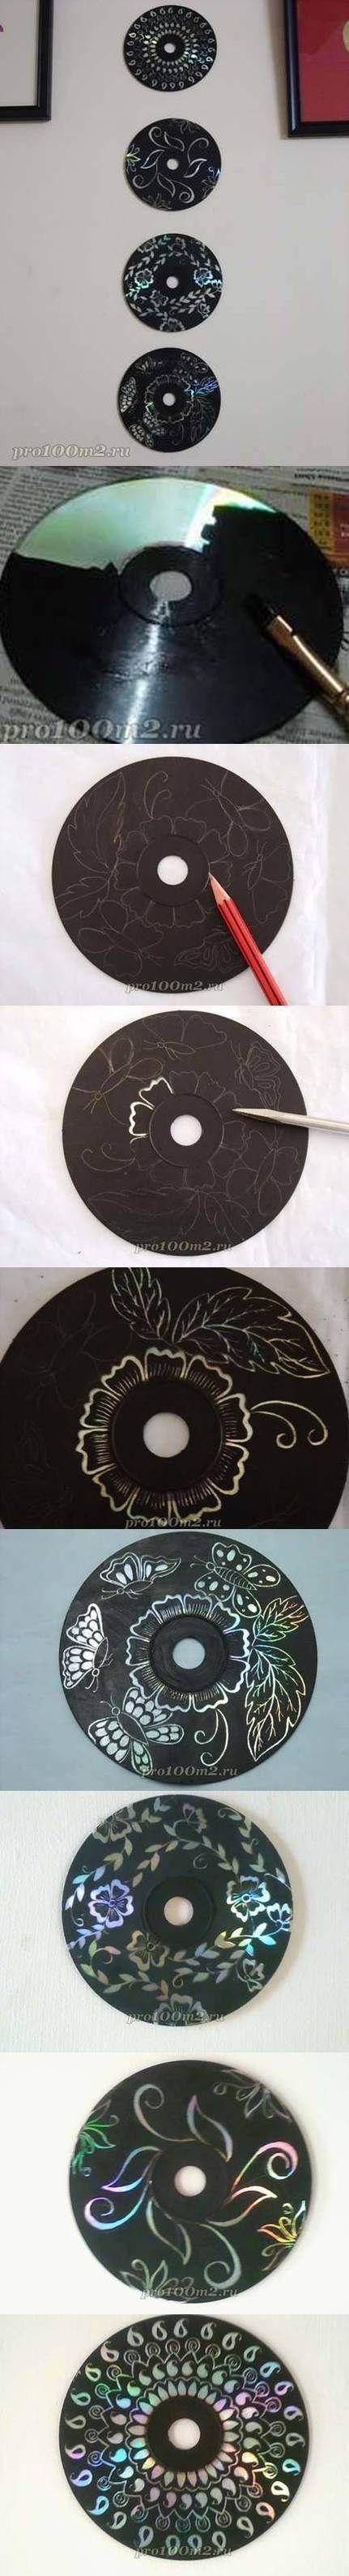 Reciclar CD! - Manualidades GratisManualidades Gratis